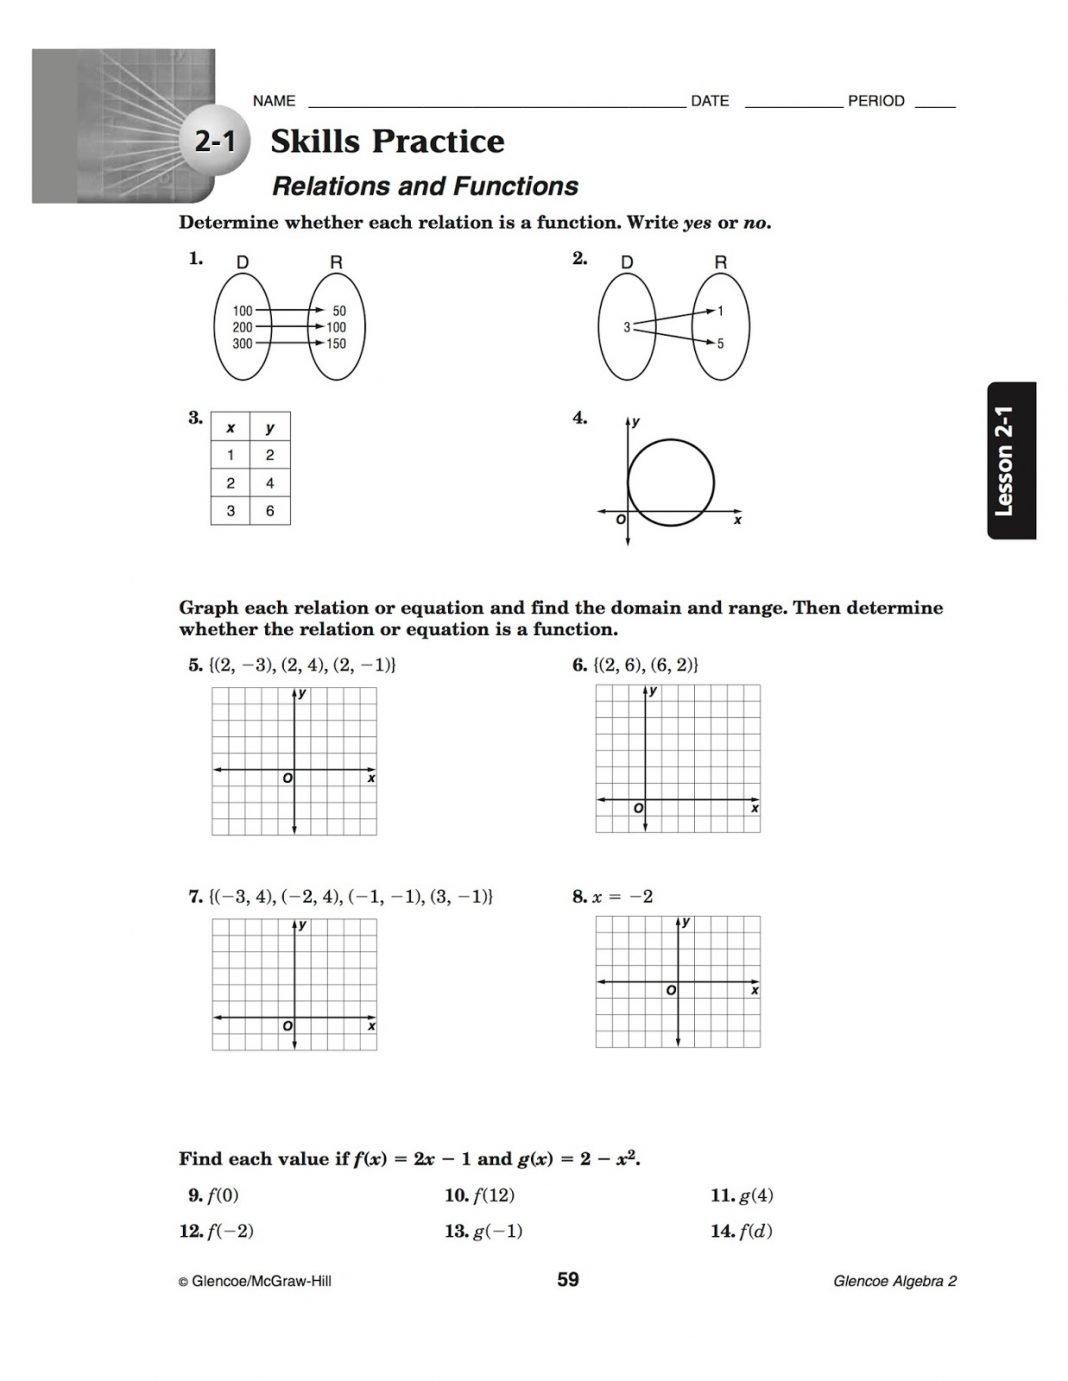 bacs algebra 2